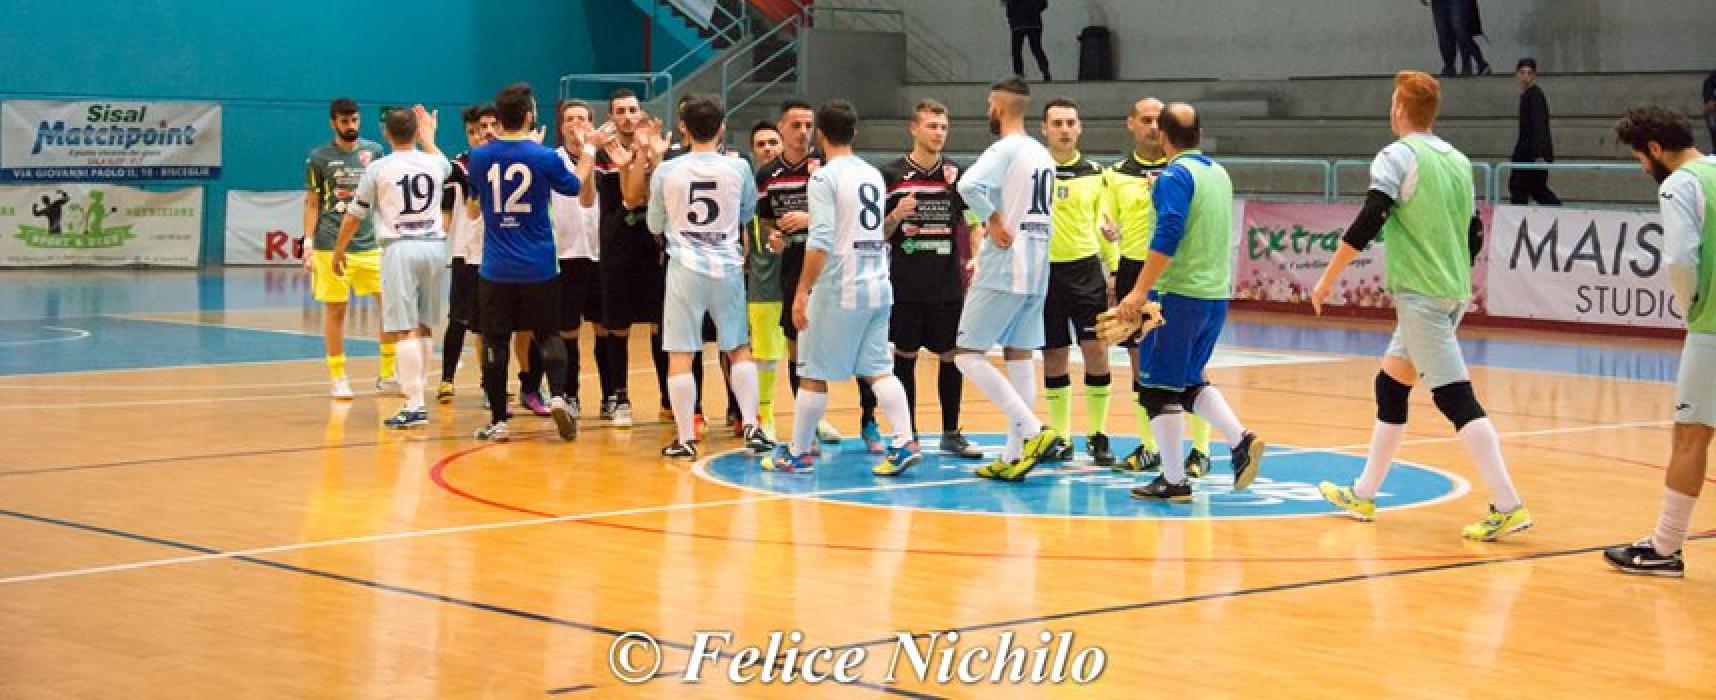 Futsal, Serie C1: sfide salvezza per Nettuno e Diaz nel recupero del diciassettesimo turno